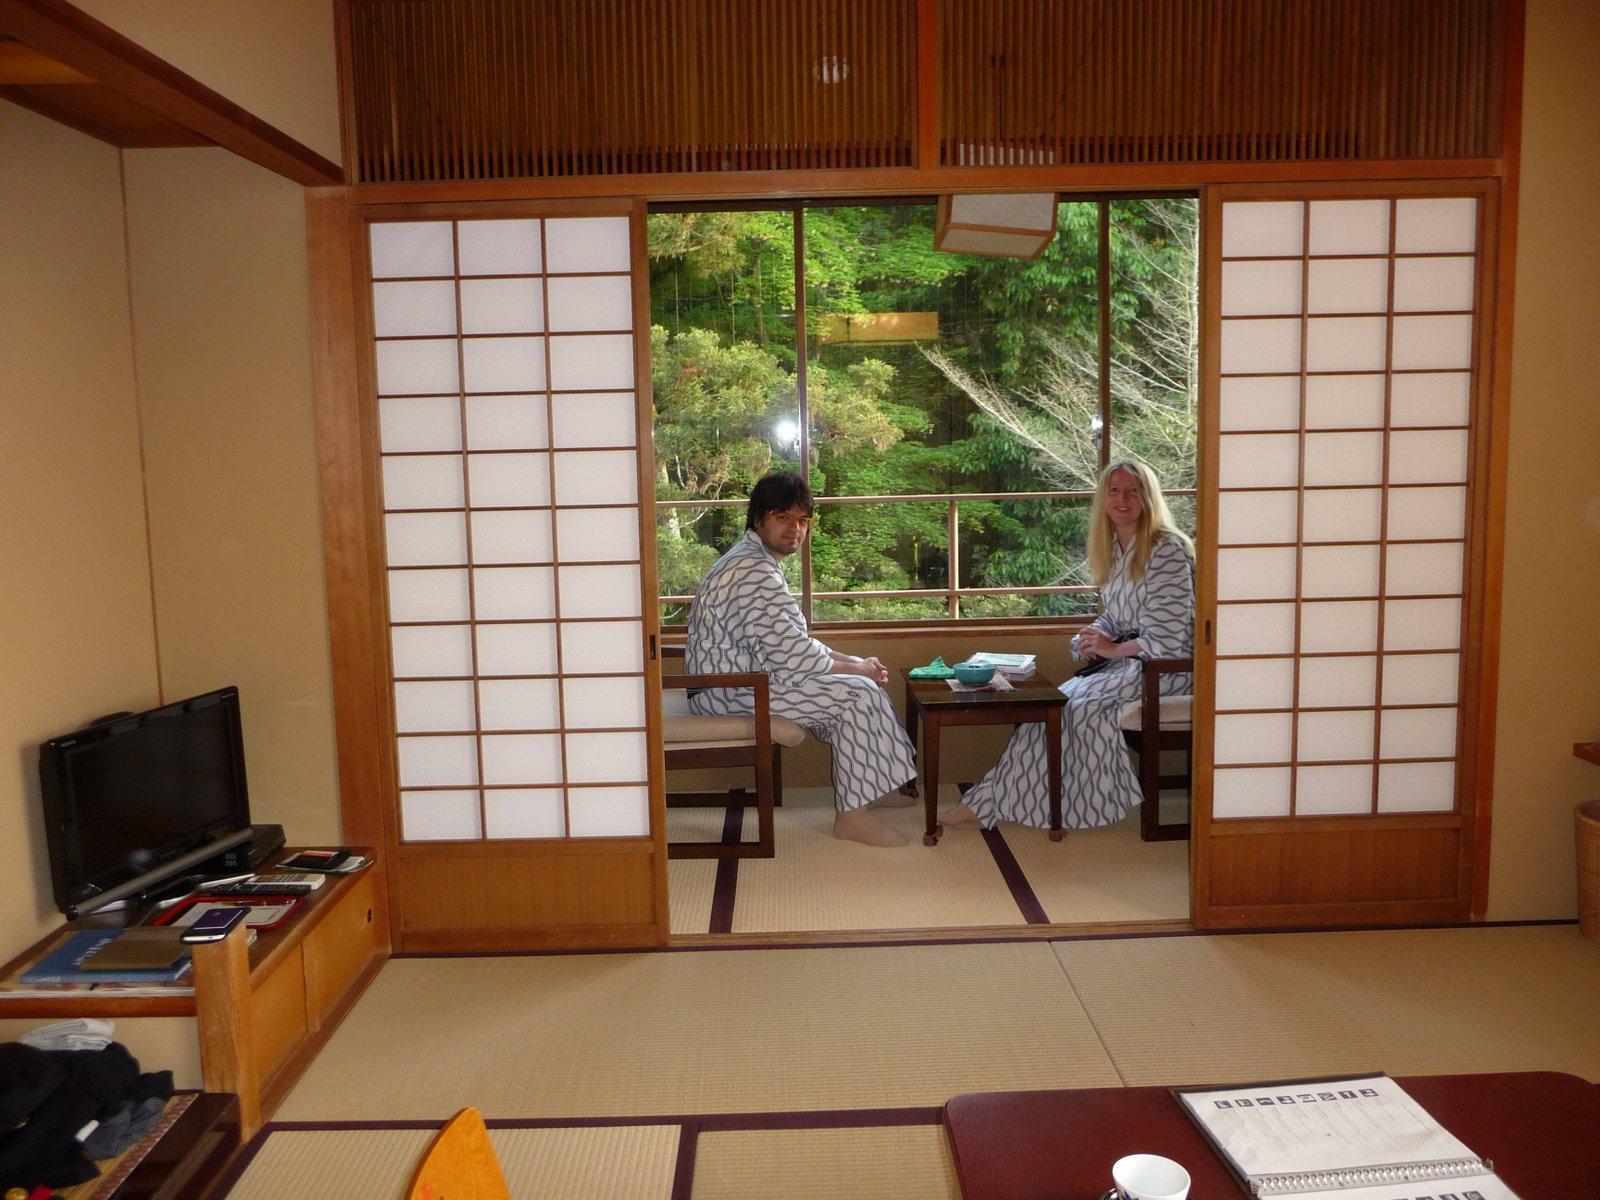 Giappone tradizionale tra ryokan e onsen il passaporto - Mia suocera in bagno ...